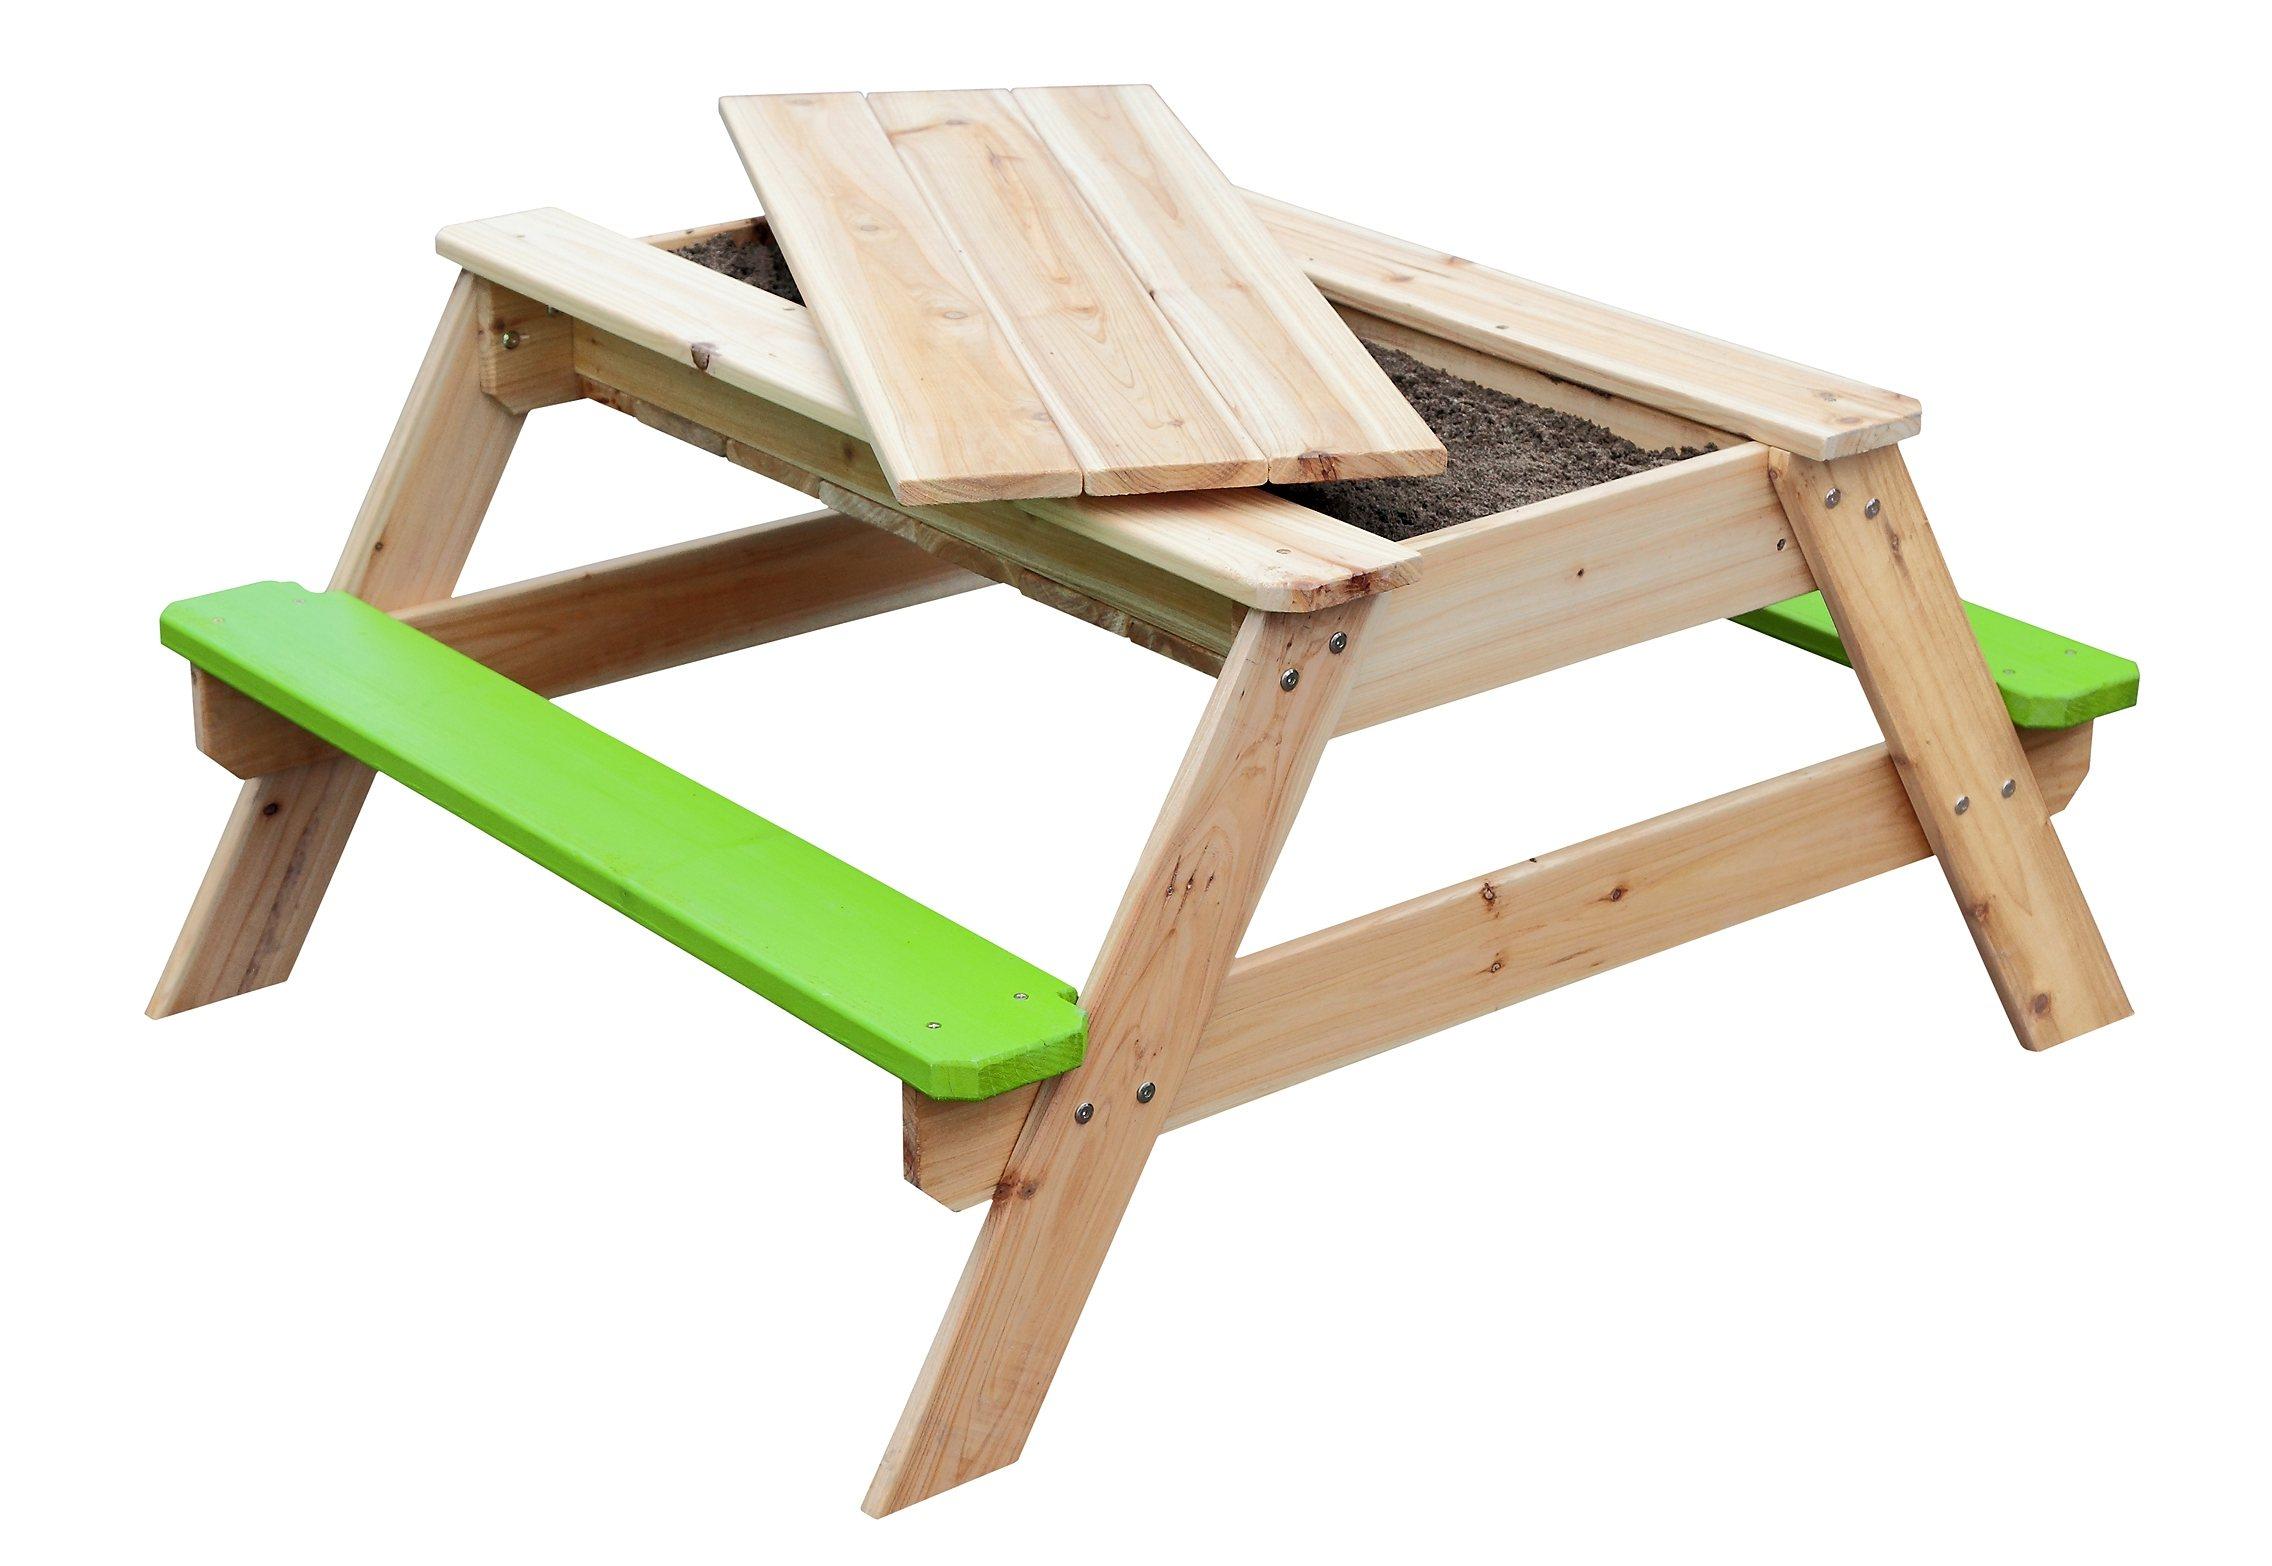 Sonnenschirm Holz Grün Preisvergleich • Die besten Angebote online ...